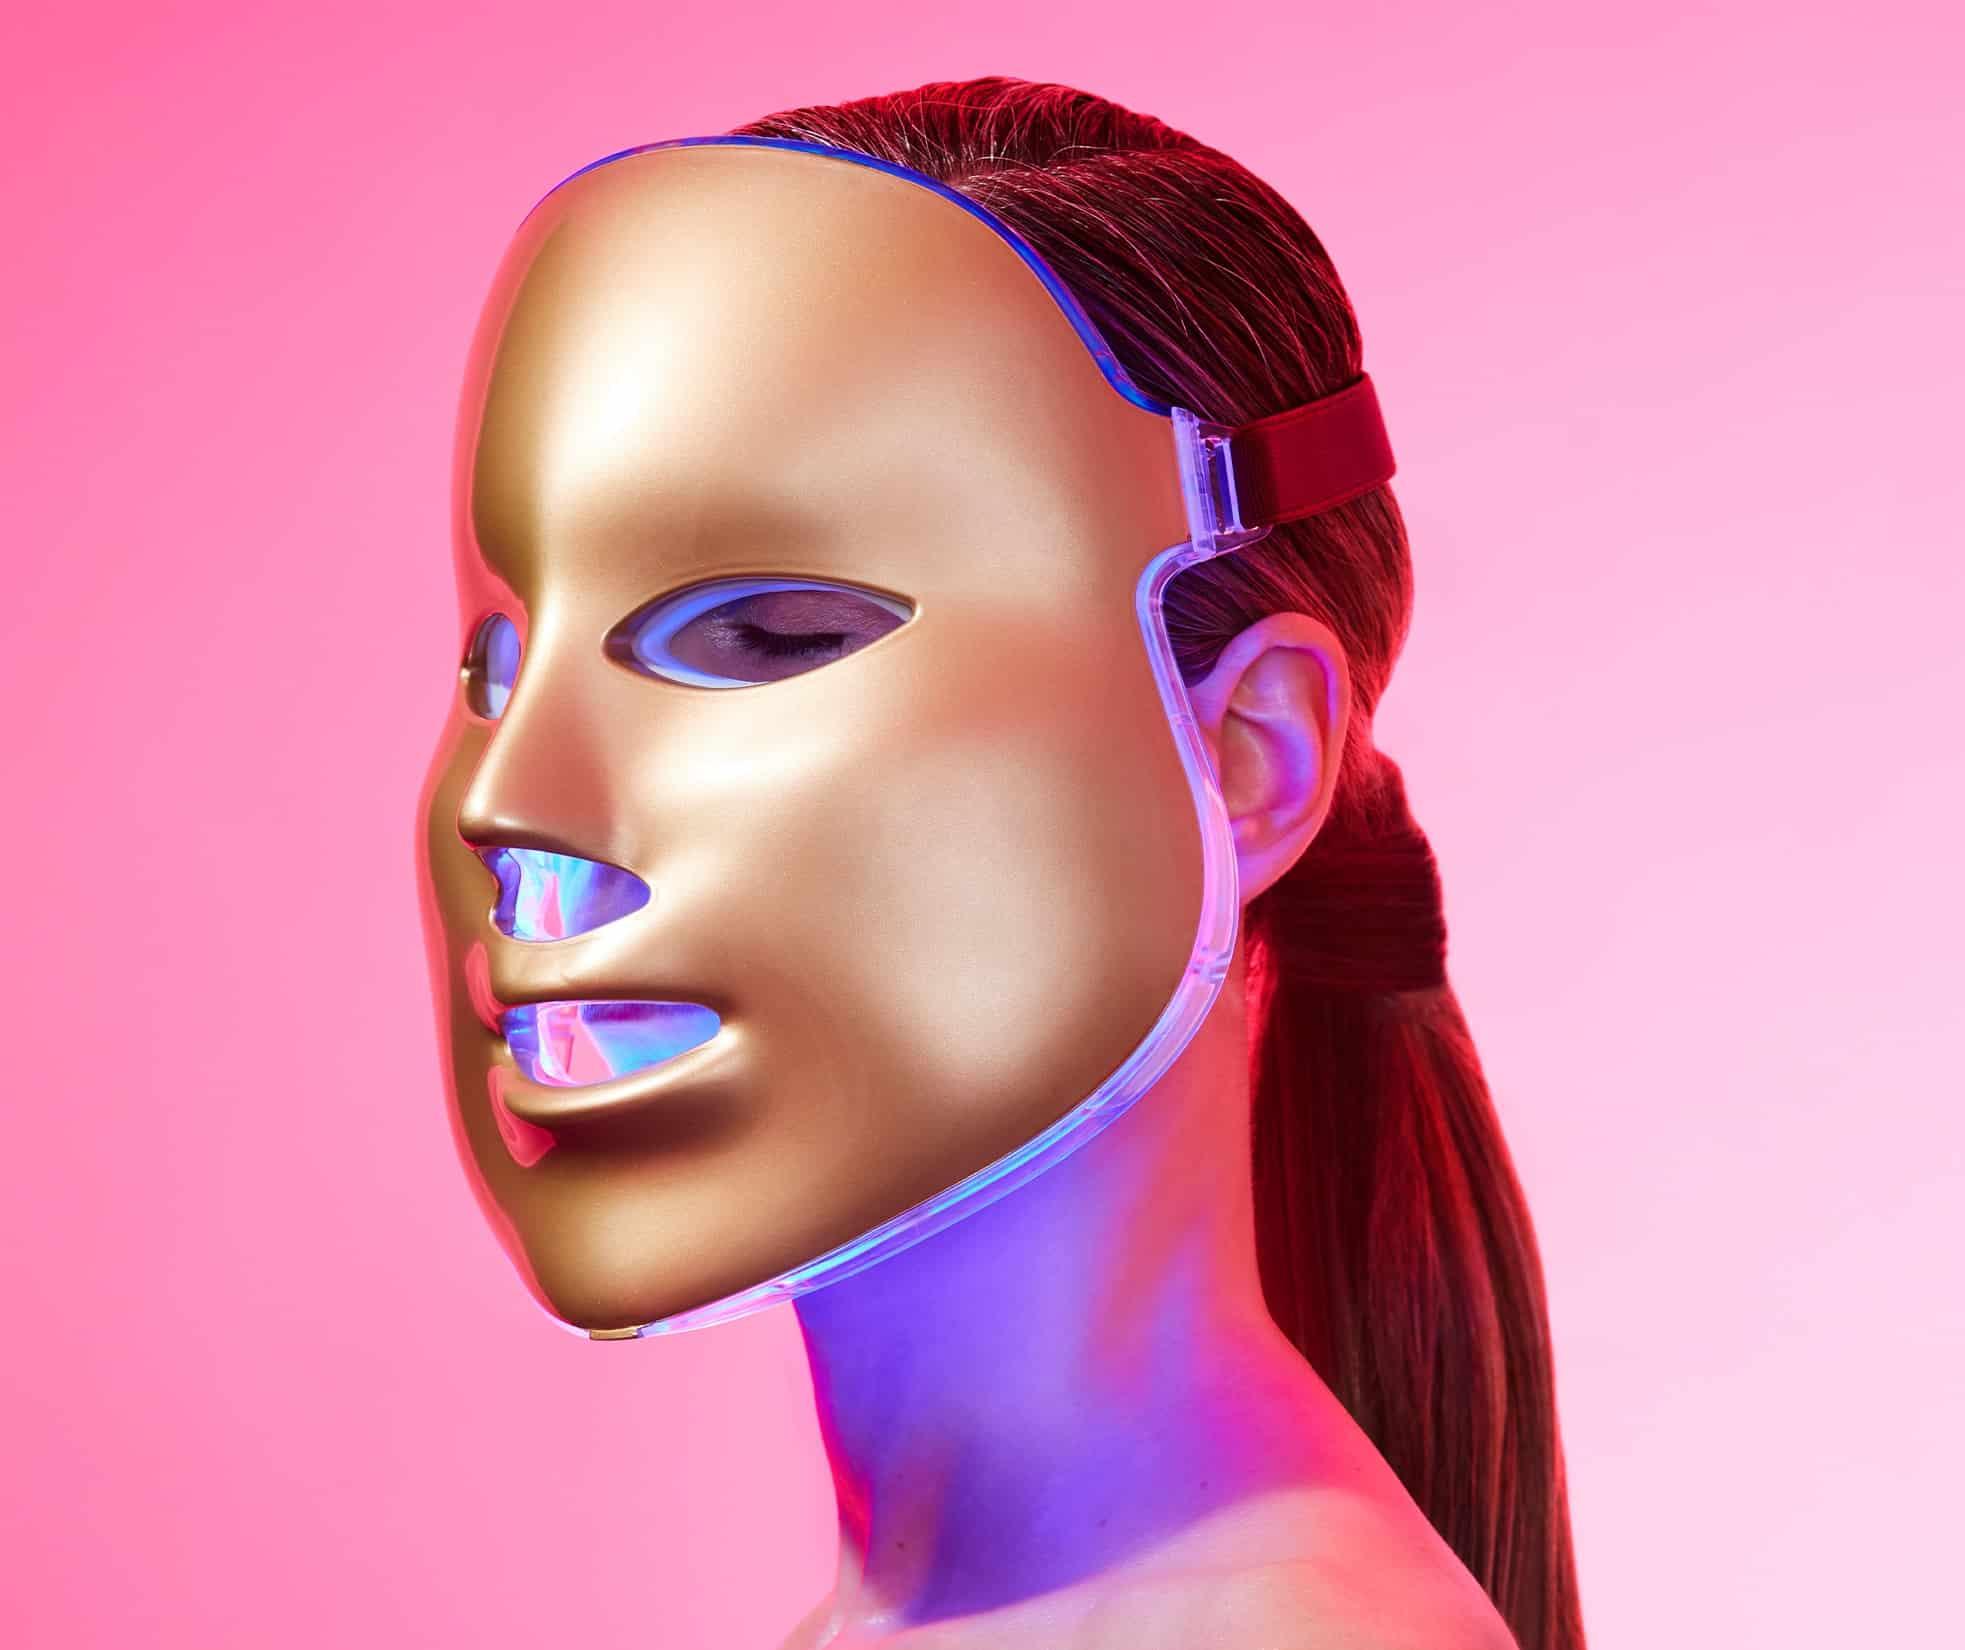 LED Mask Image 1